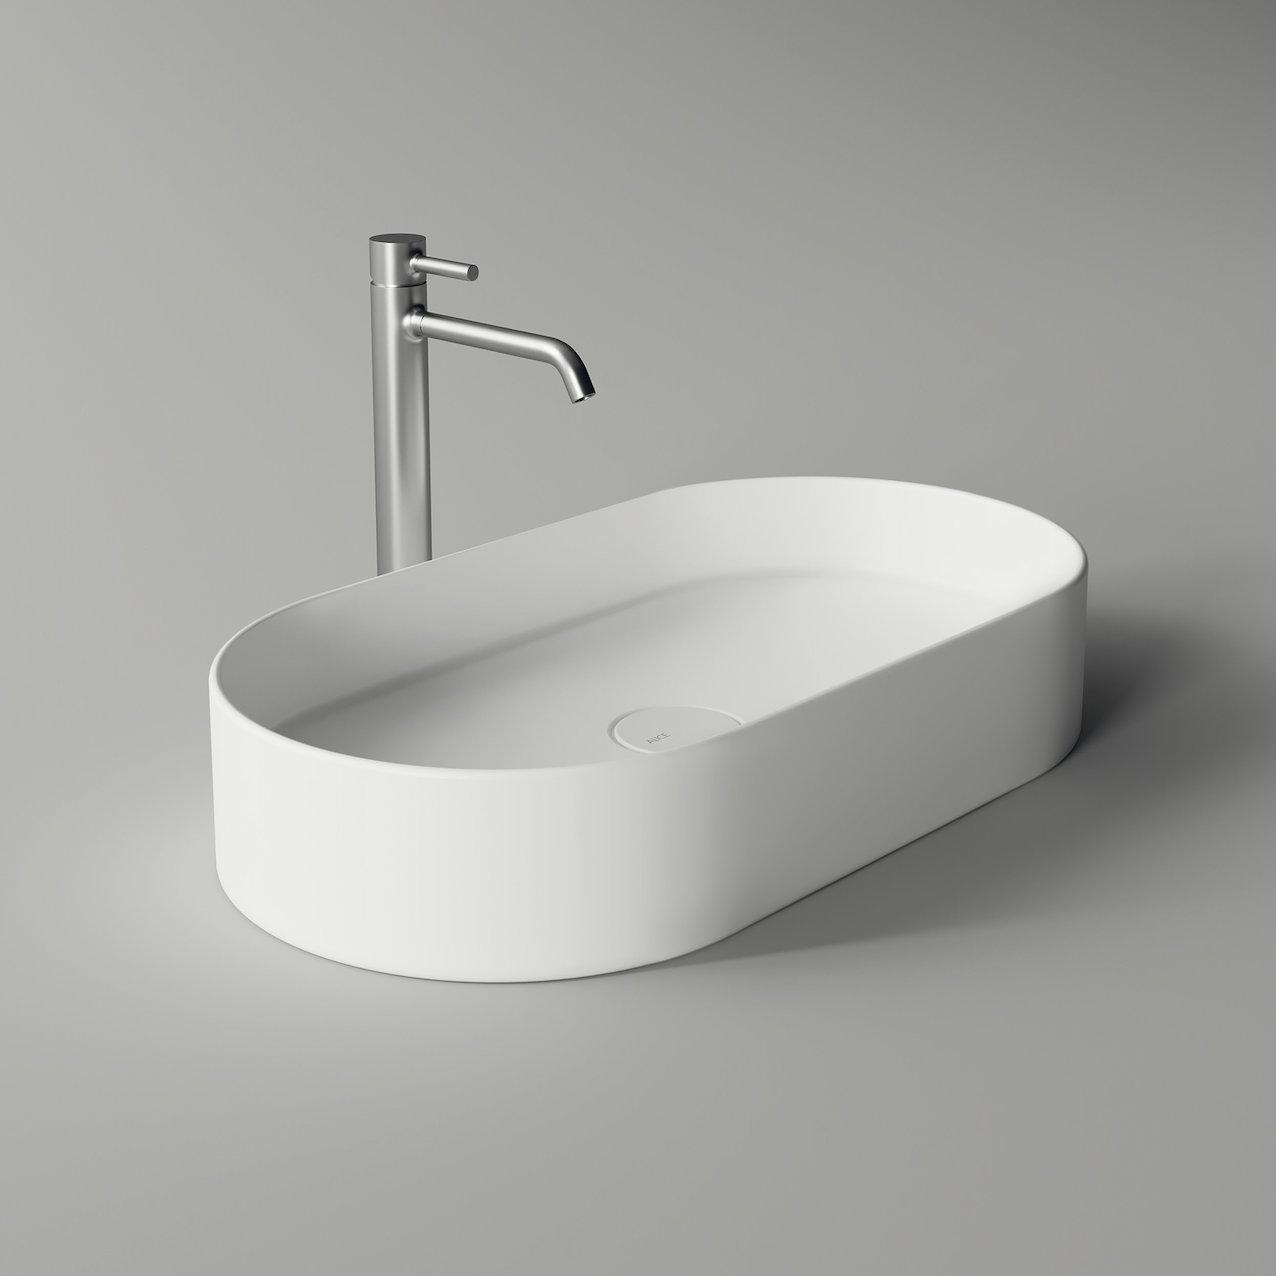 Lavabo HIDE ovale minimal